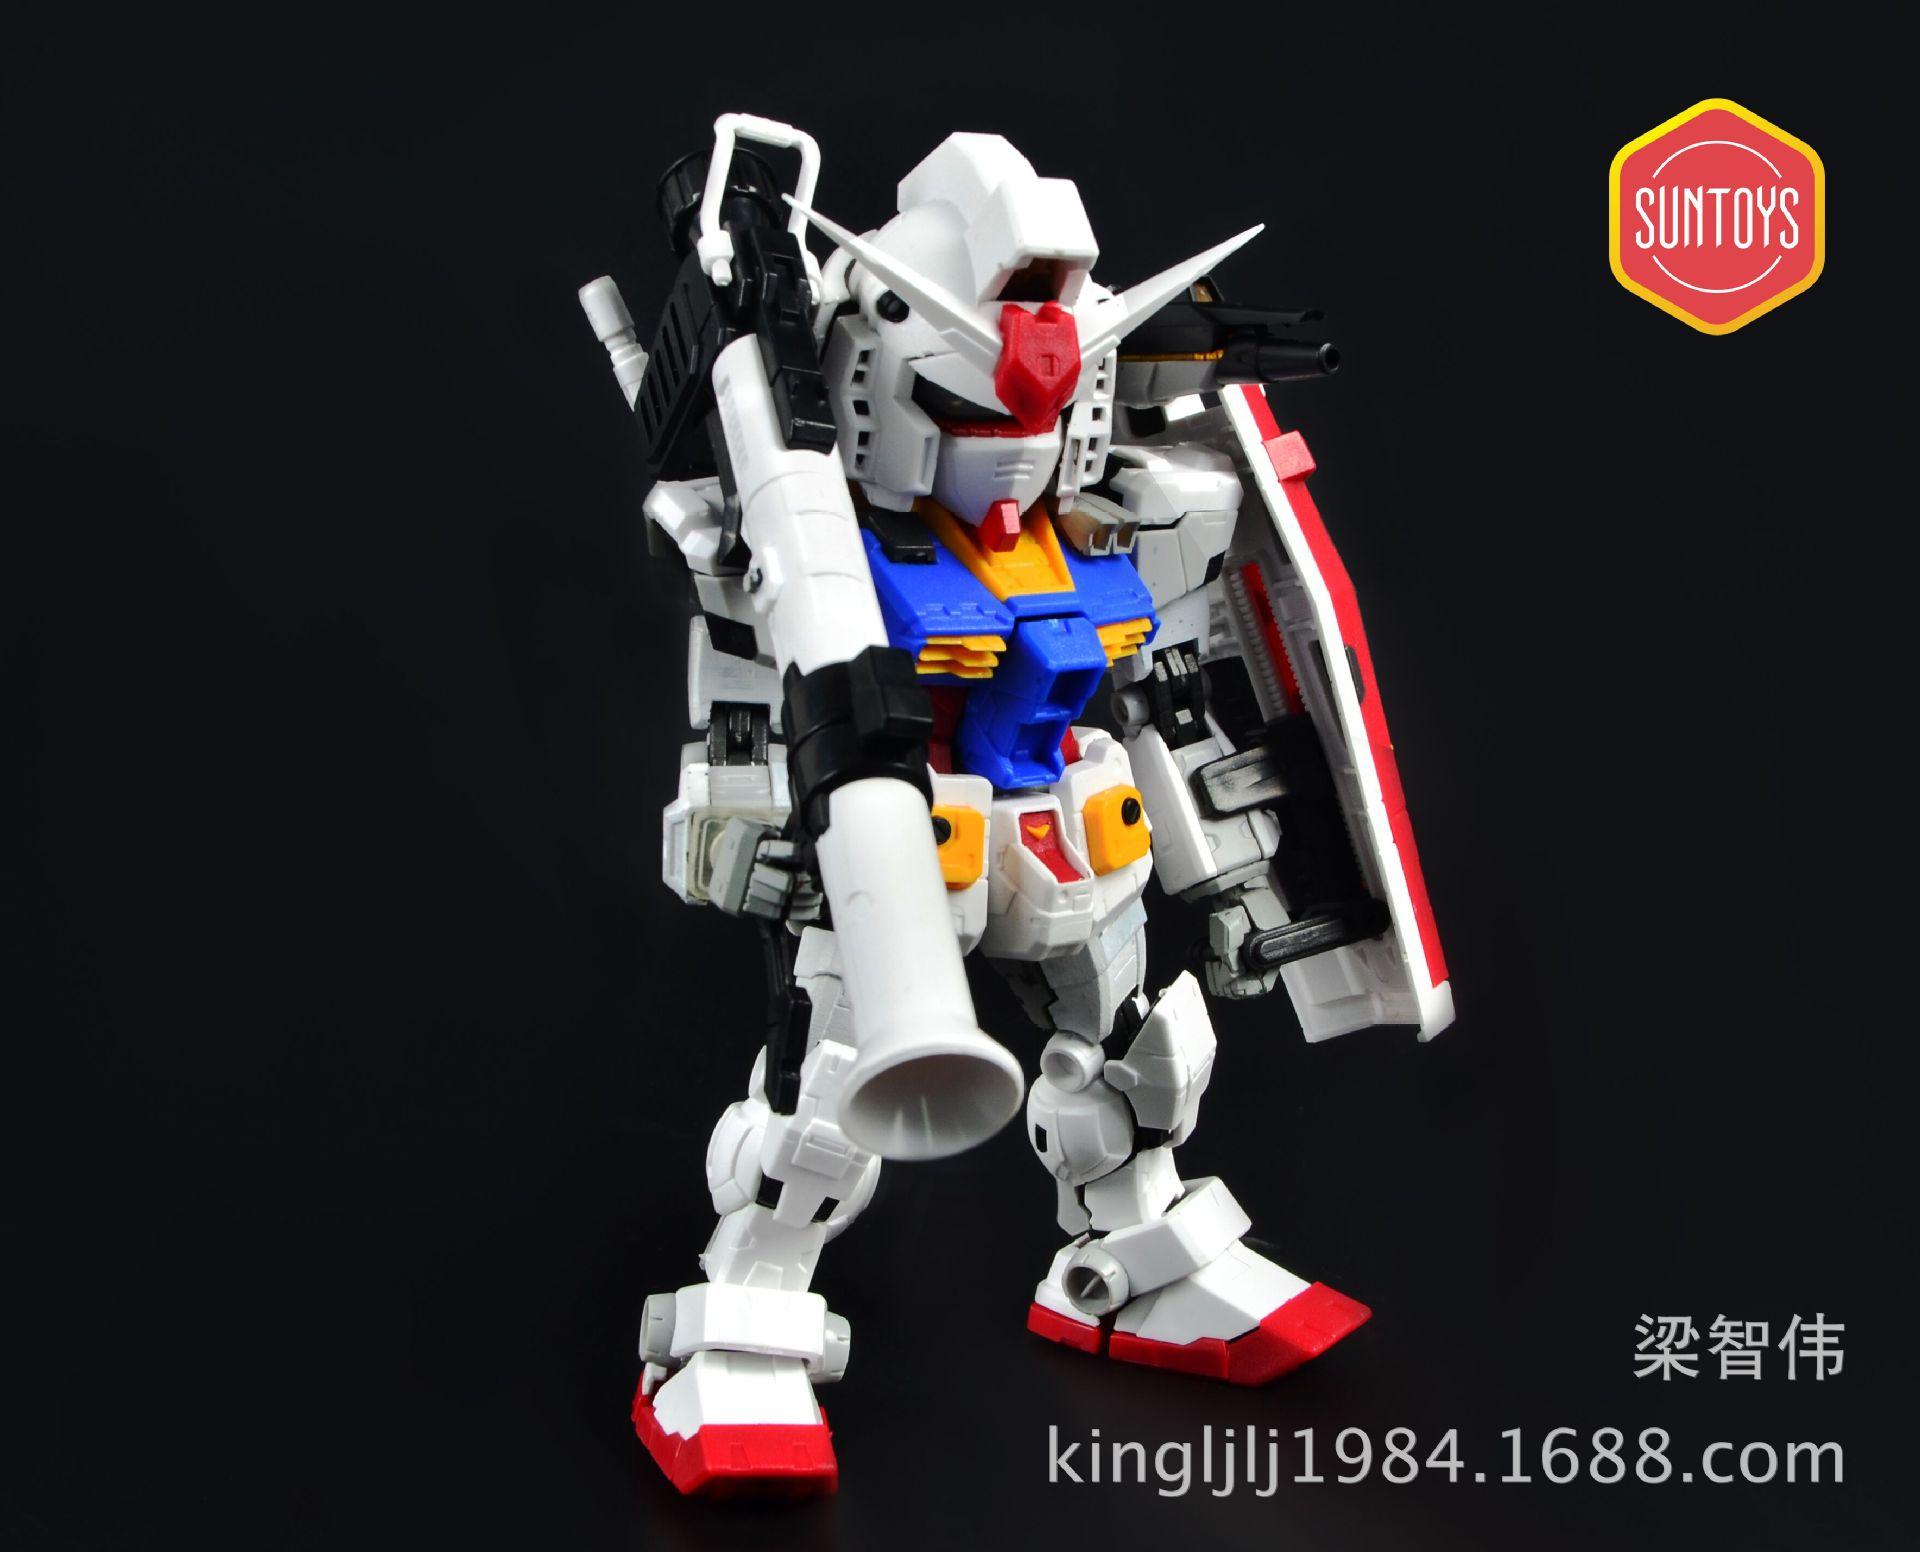 S168_SD_rx78_INASK_info_038.jpg